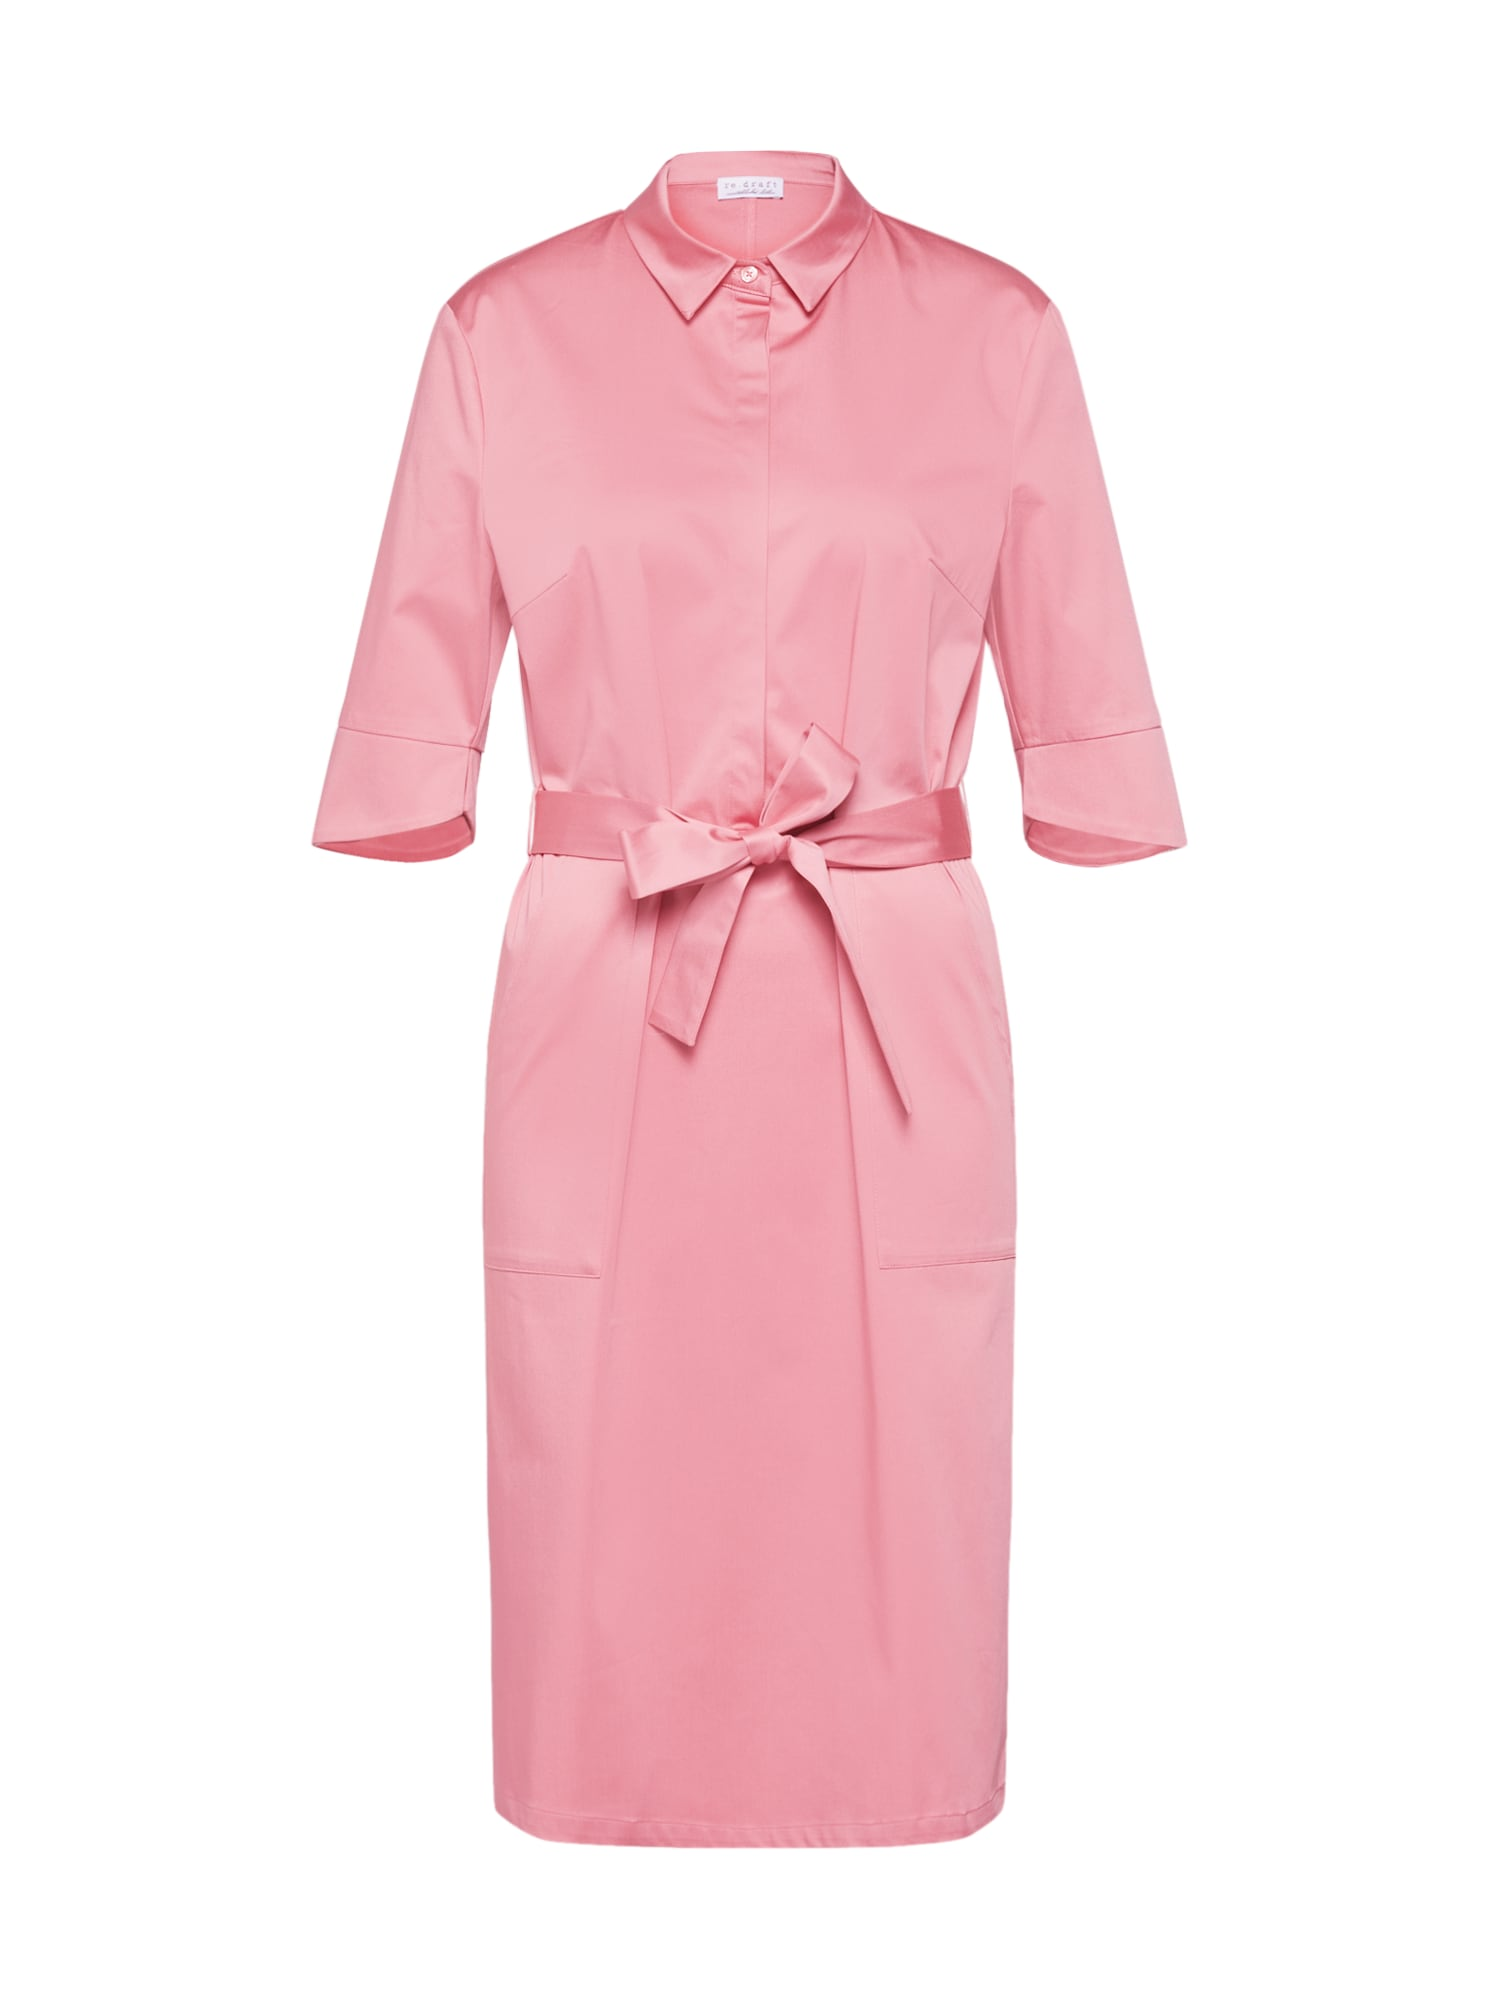 Košilové šaty Blousedress pink Re.draft